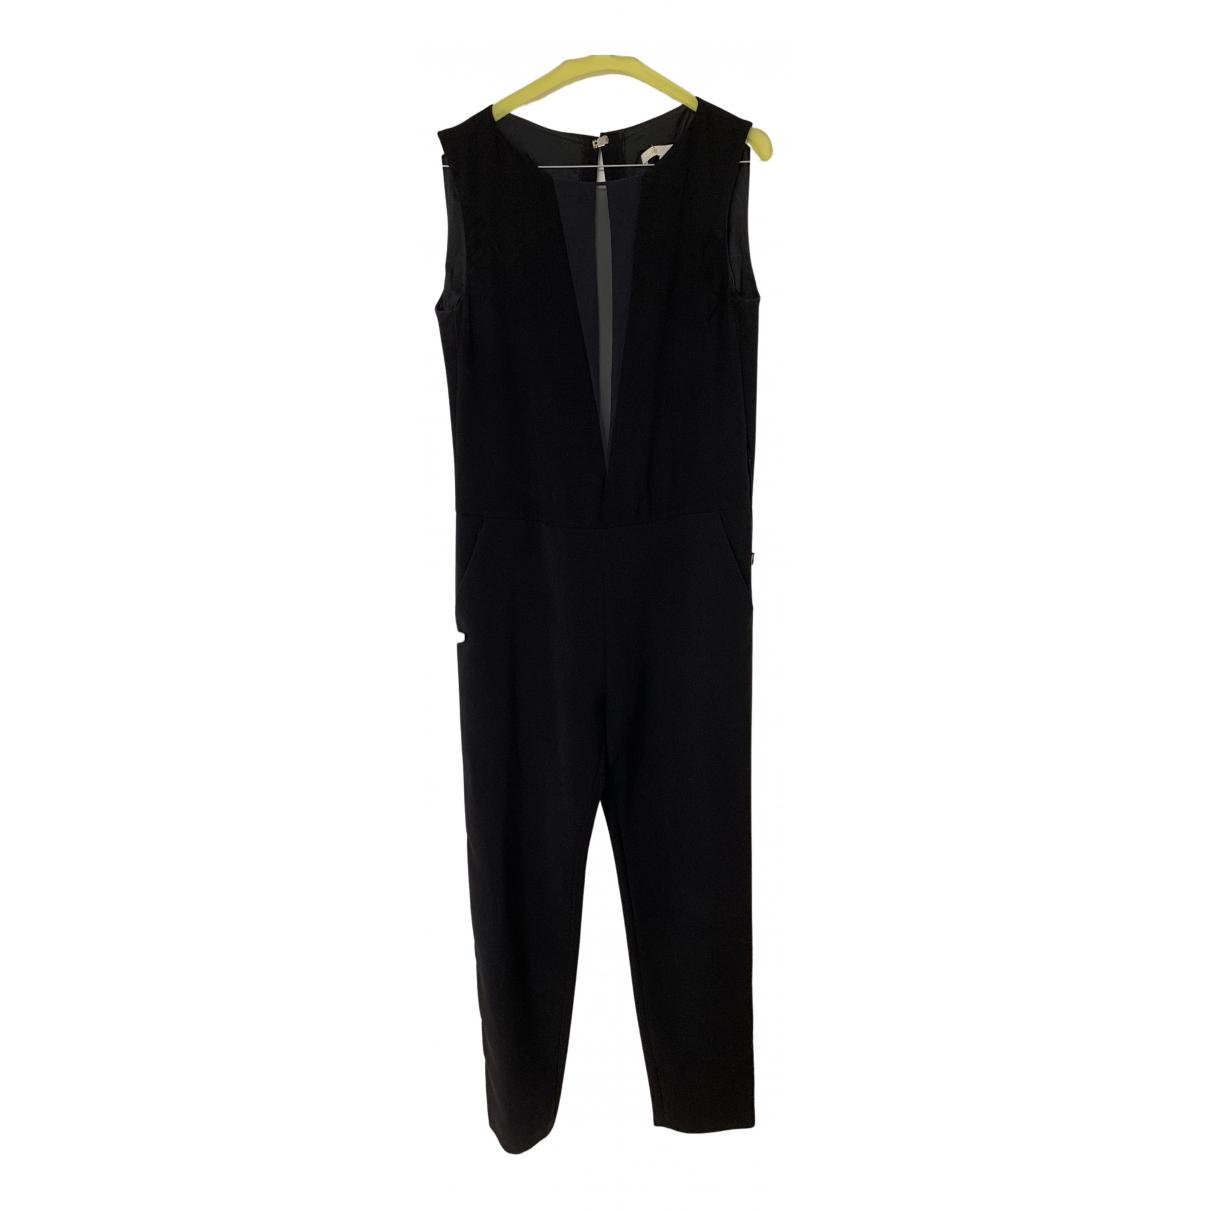 Maje N Black jumpsuit for Women 36 FR